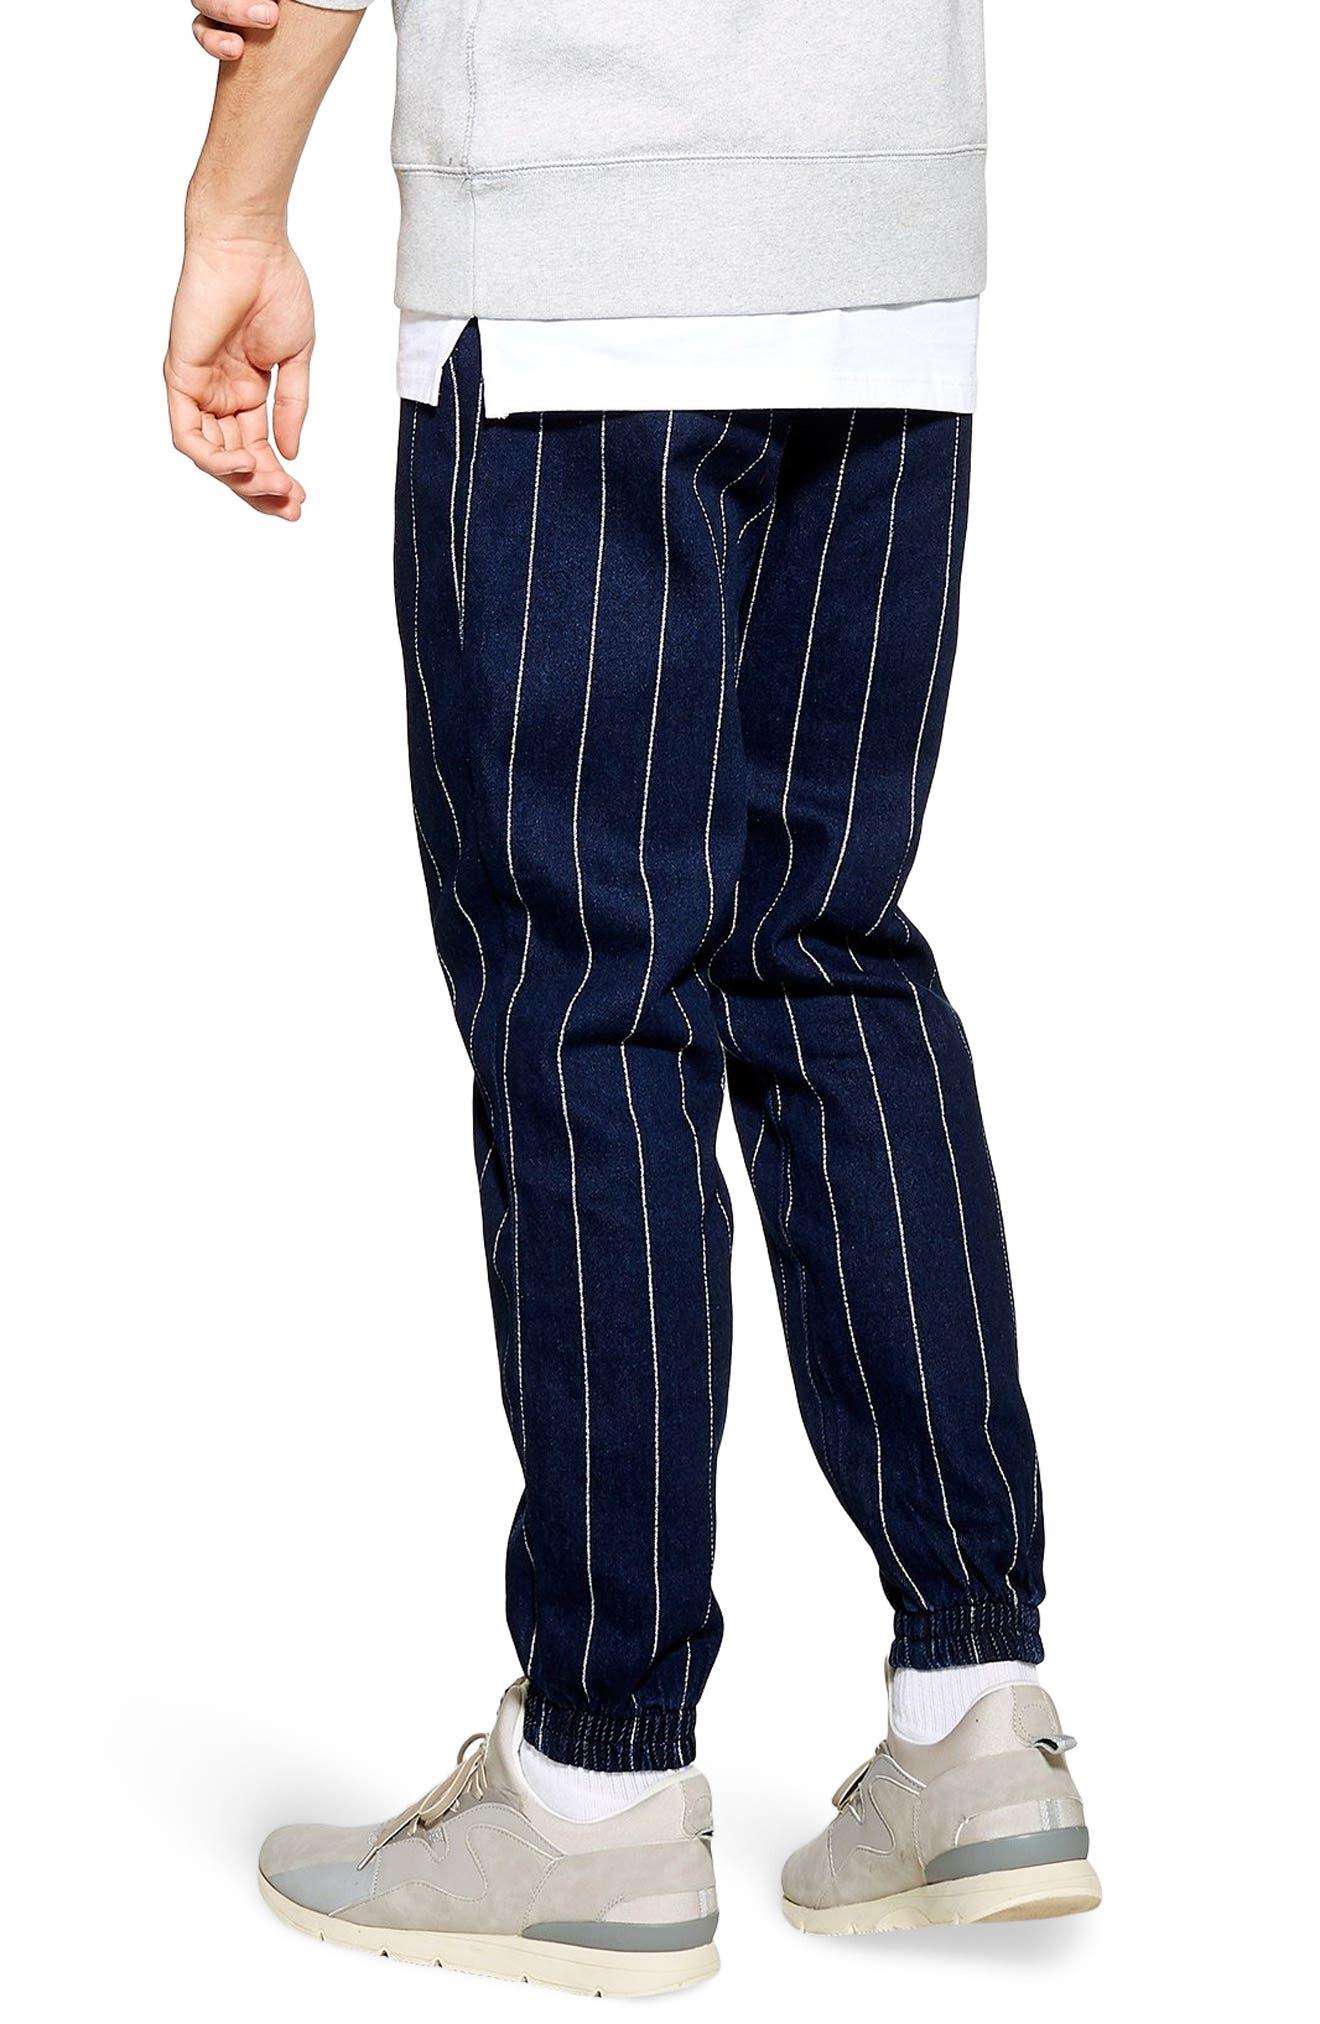 TOPMAN, Stripe Jogger Pants, Alternate thumbnail 2, color, DARK BLUE